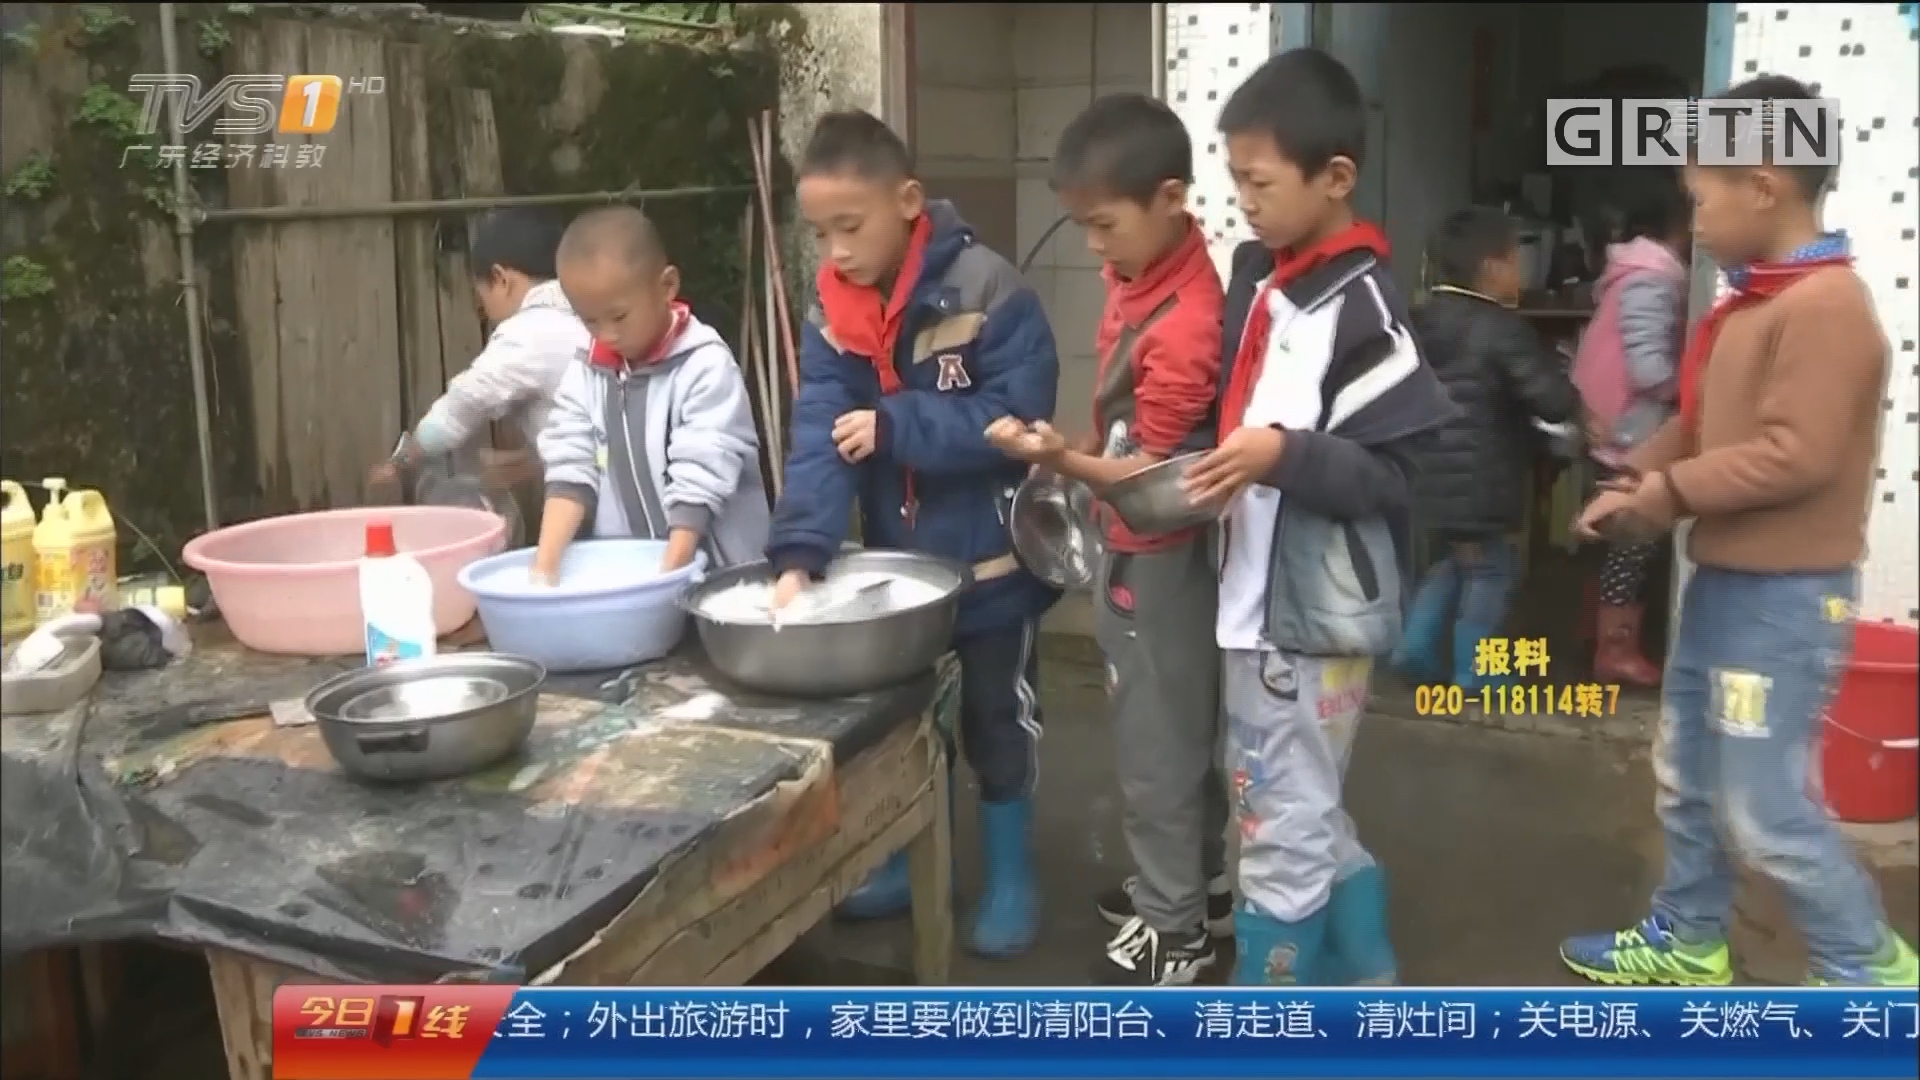 除夕特别节目:2017的那些感动 爱心厨房 免费为留守学生提供午餐